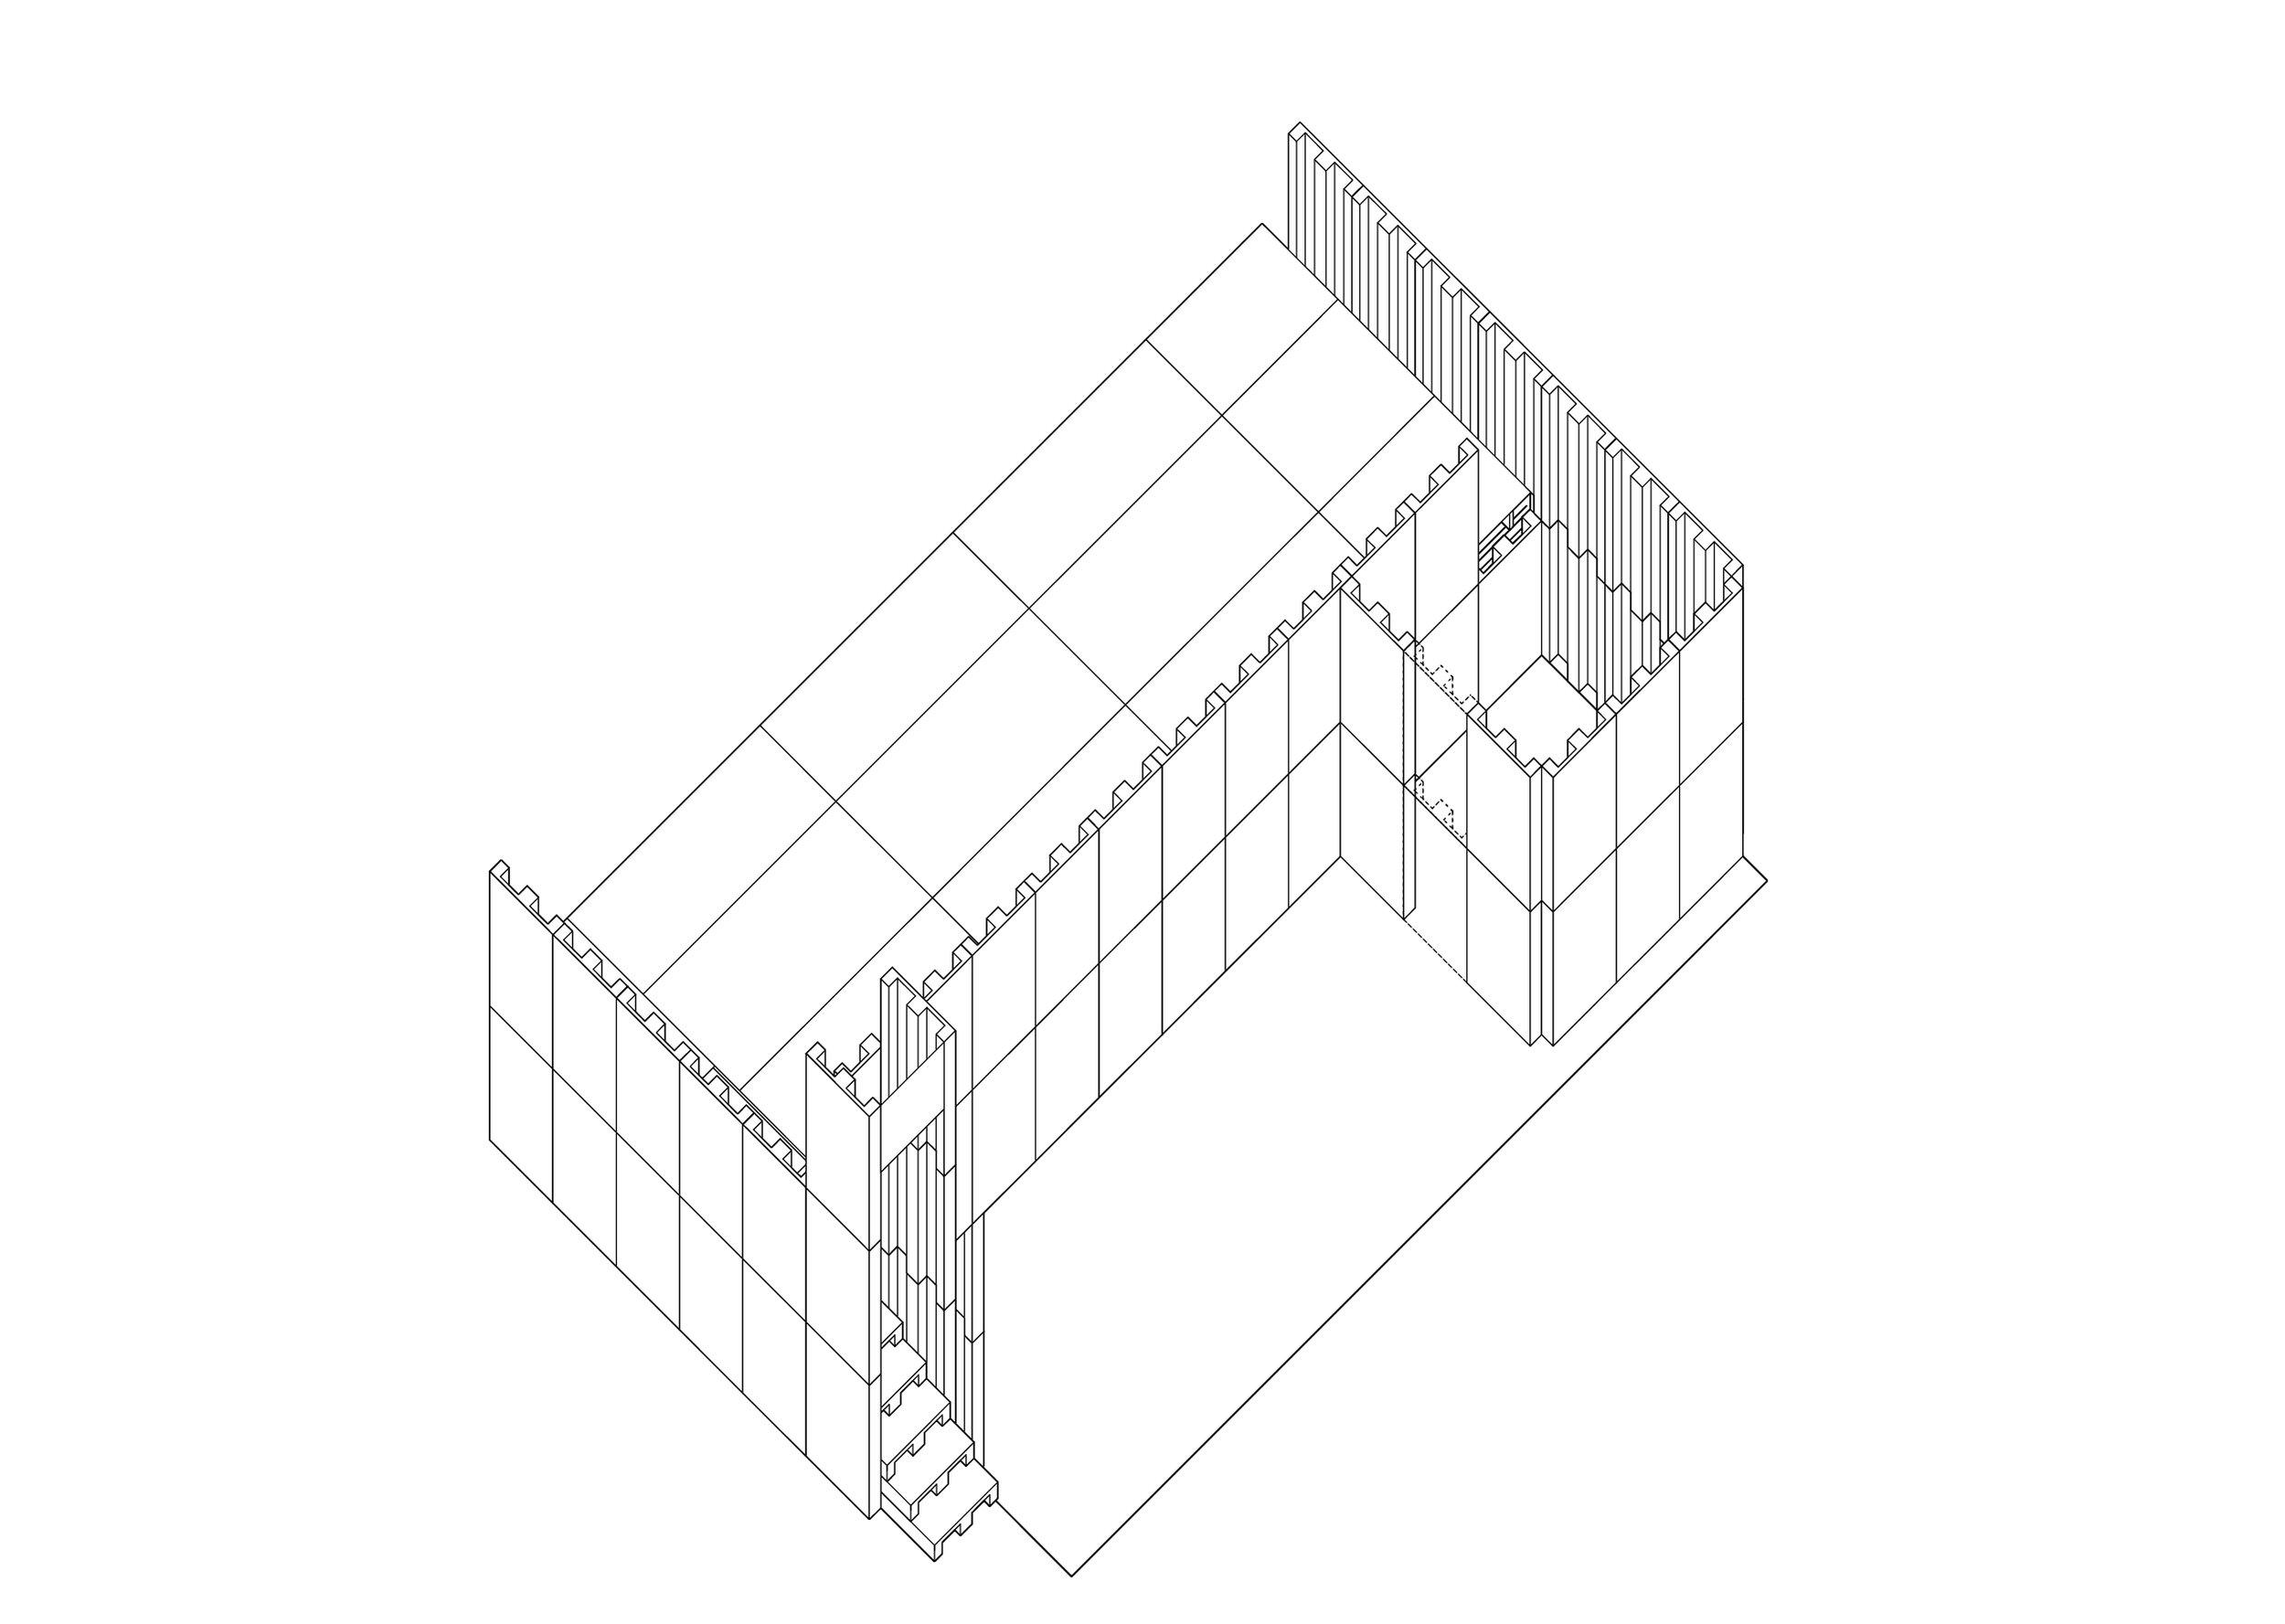 ISO_5Artboard 1.jpg